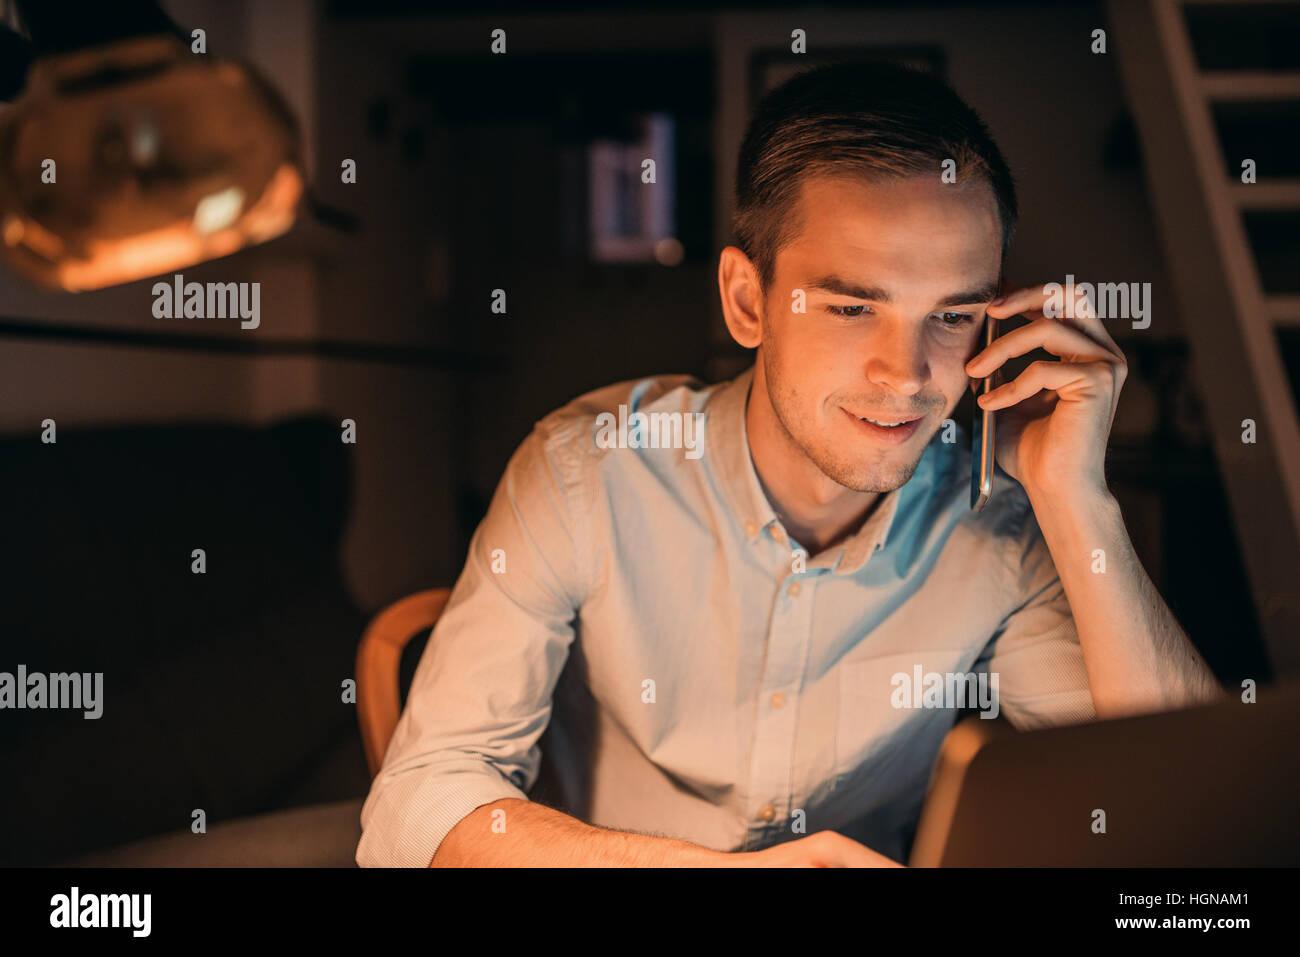 Lächelnde junge Unternehmer bei der Arbeit in den späten Abend Stockbild